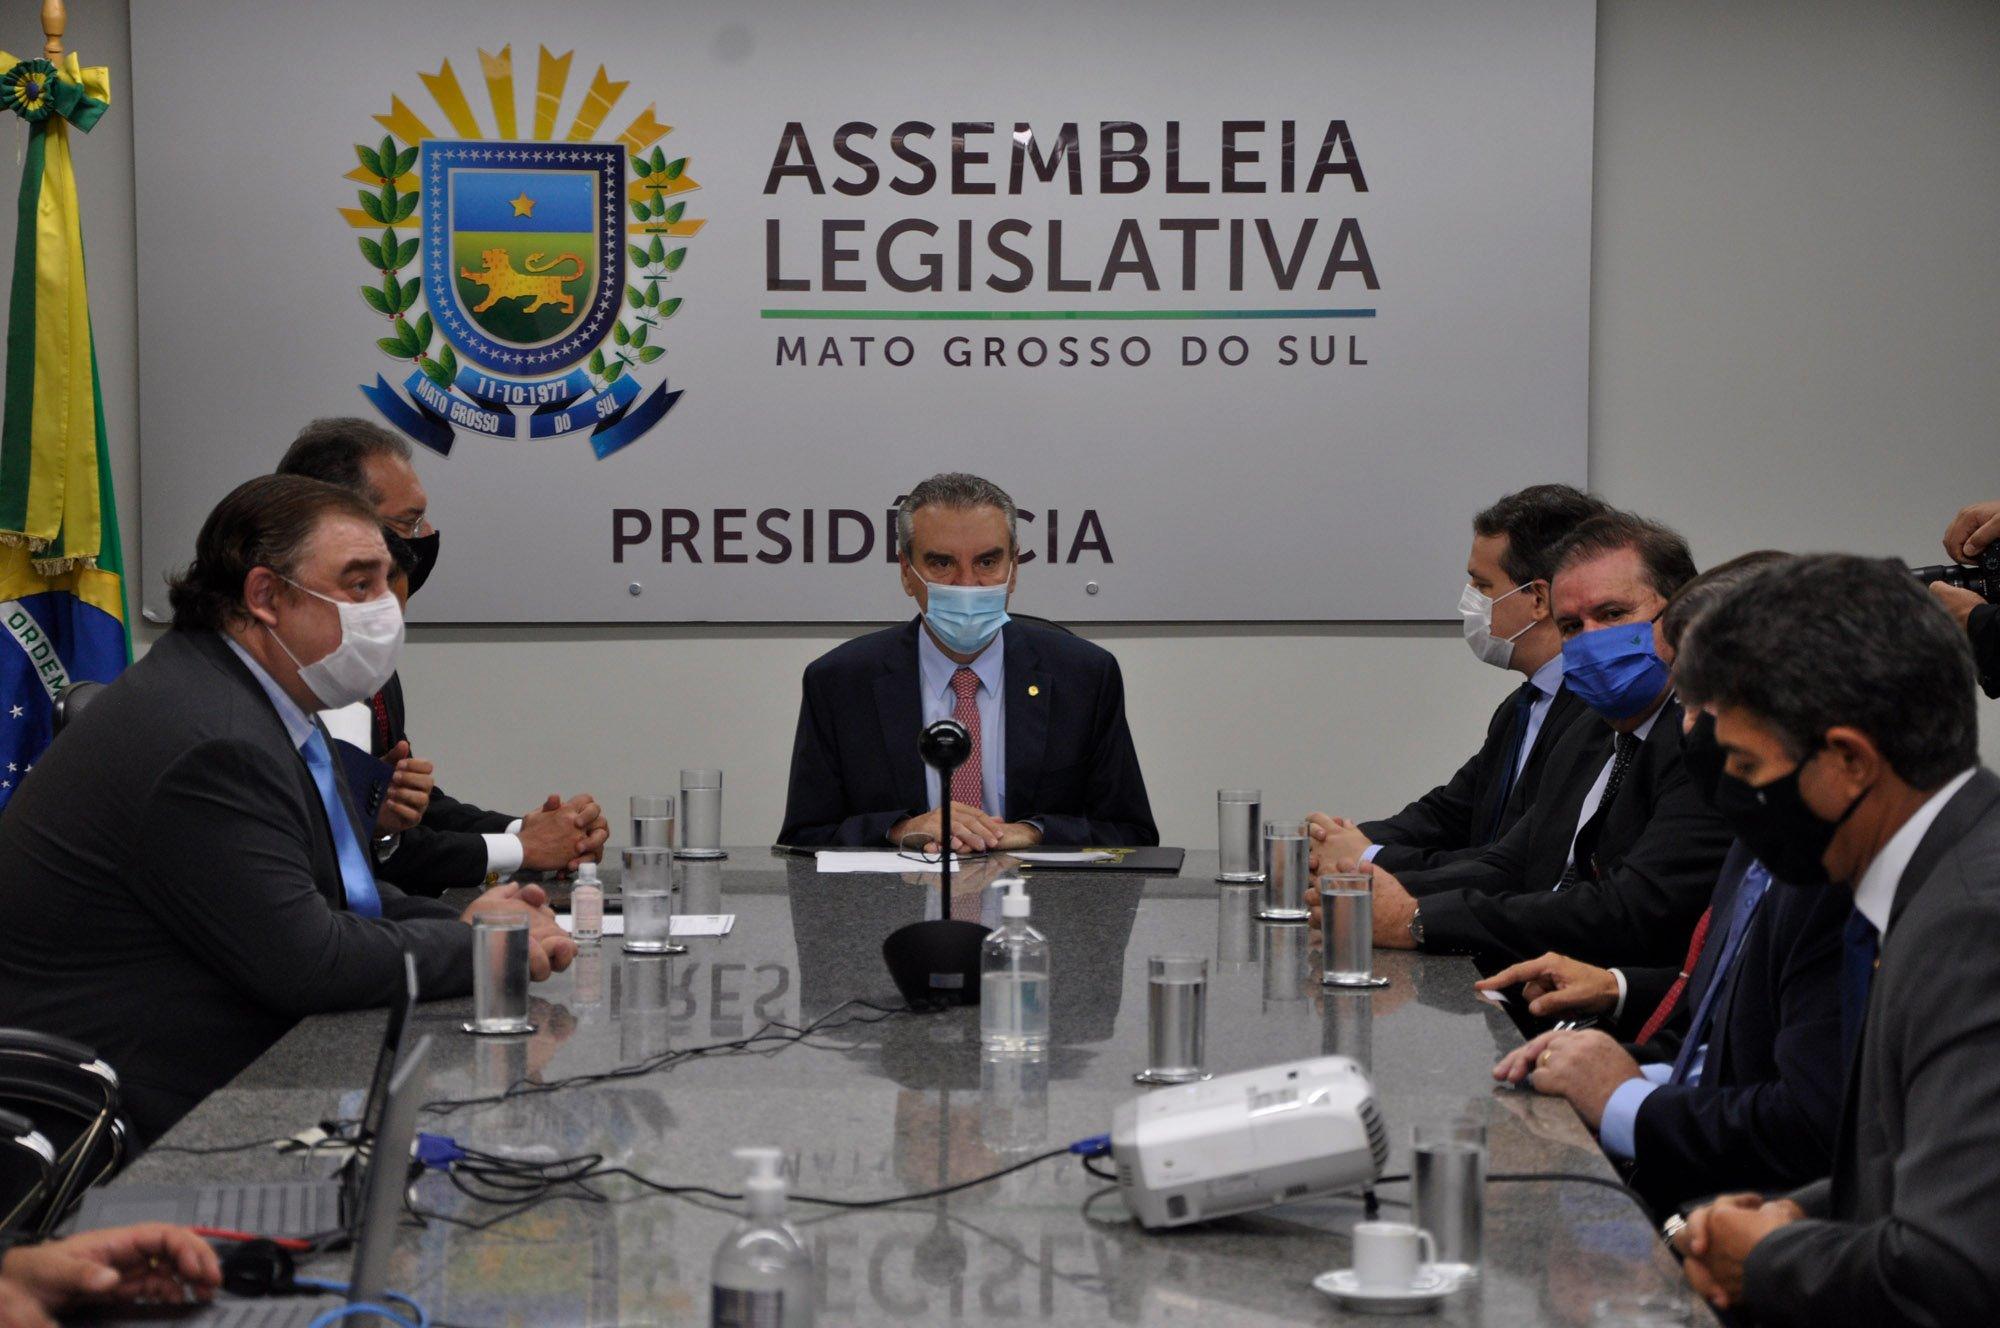 Assembleia Legislativa de Mato Grosso do Sul - Mesa Diretora da ALEMS toma  posse em sessão extraordinária